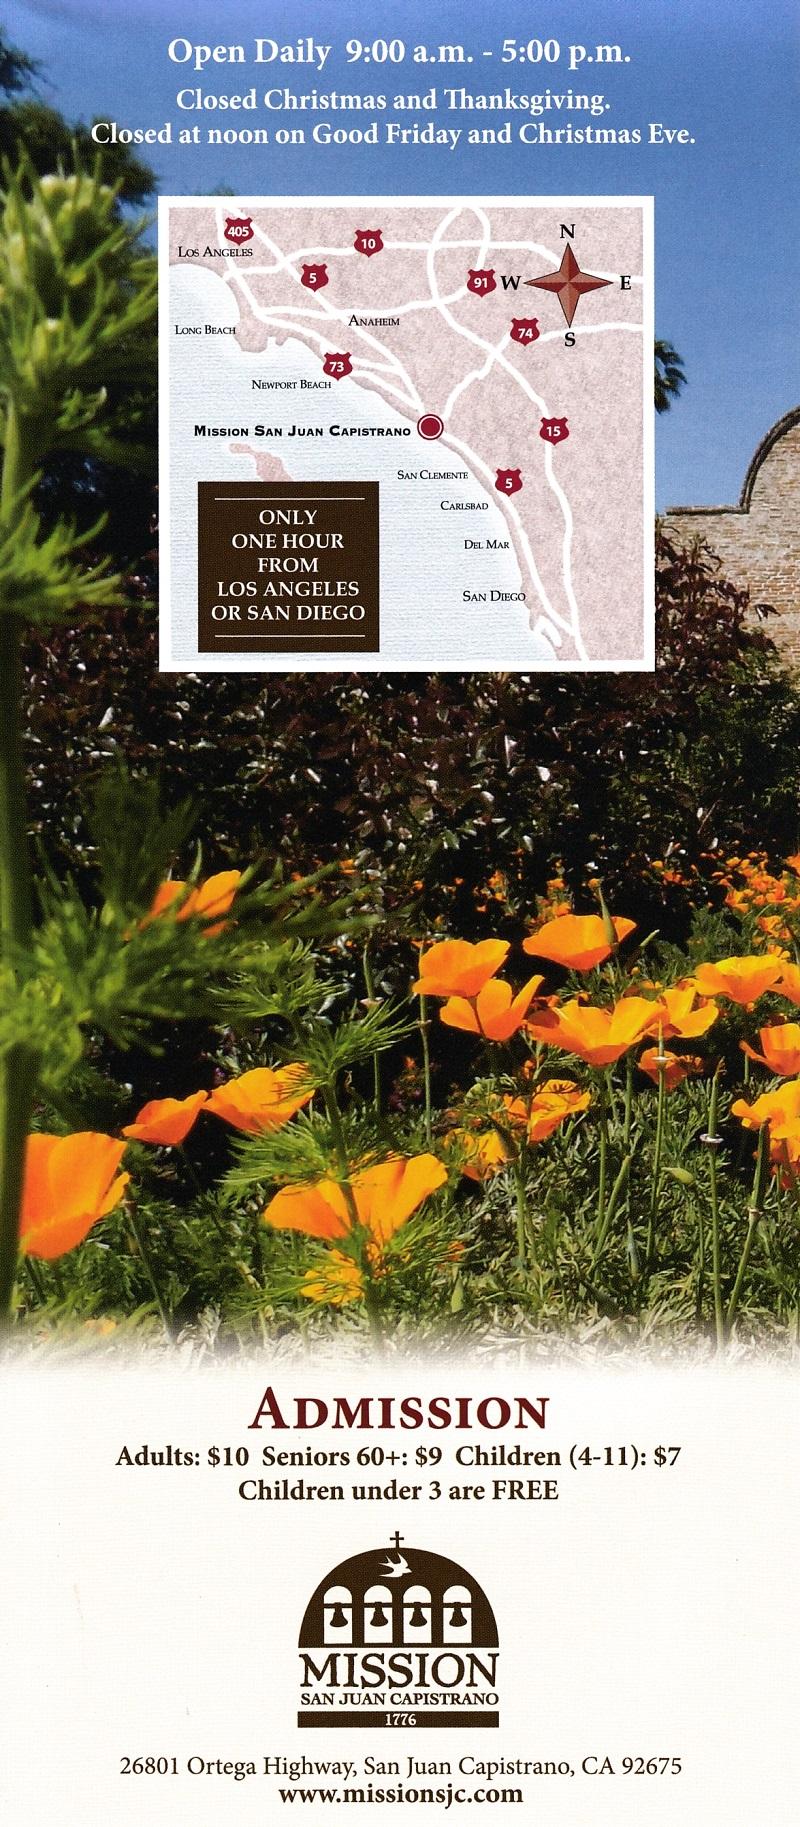 Mission San Juan Capistrano brochure thumbnail